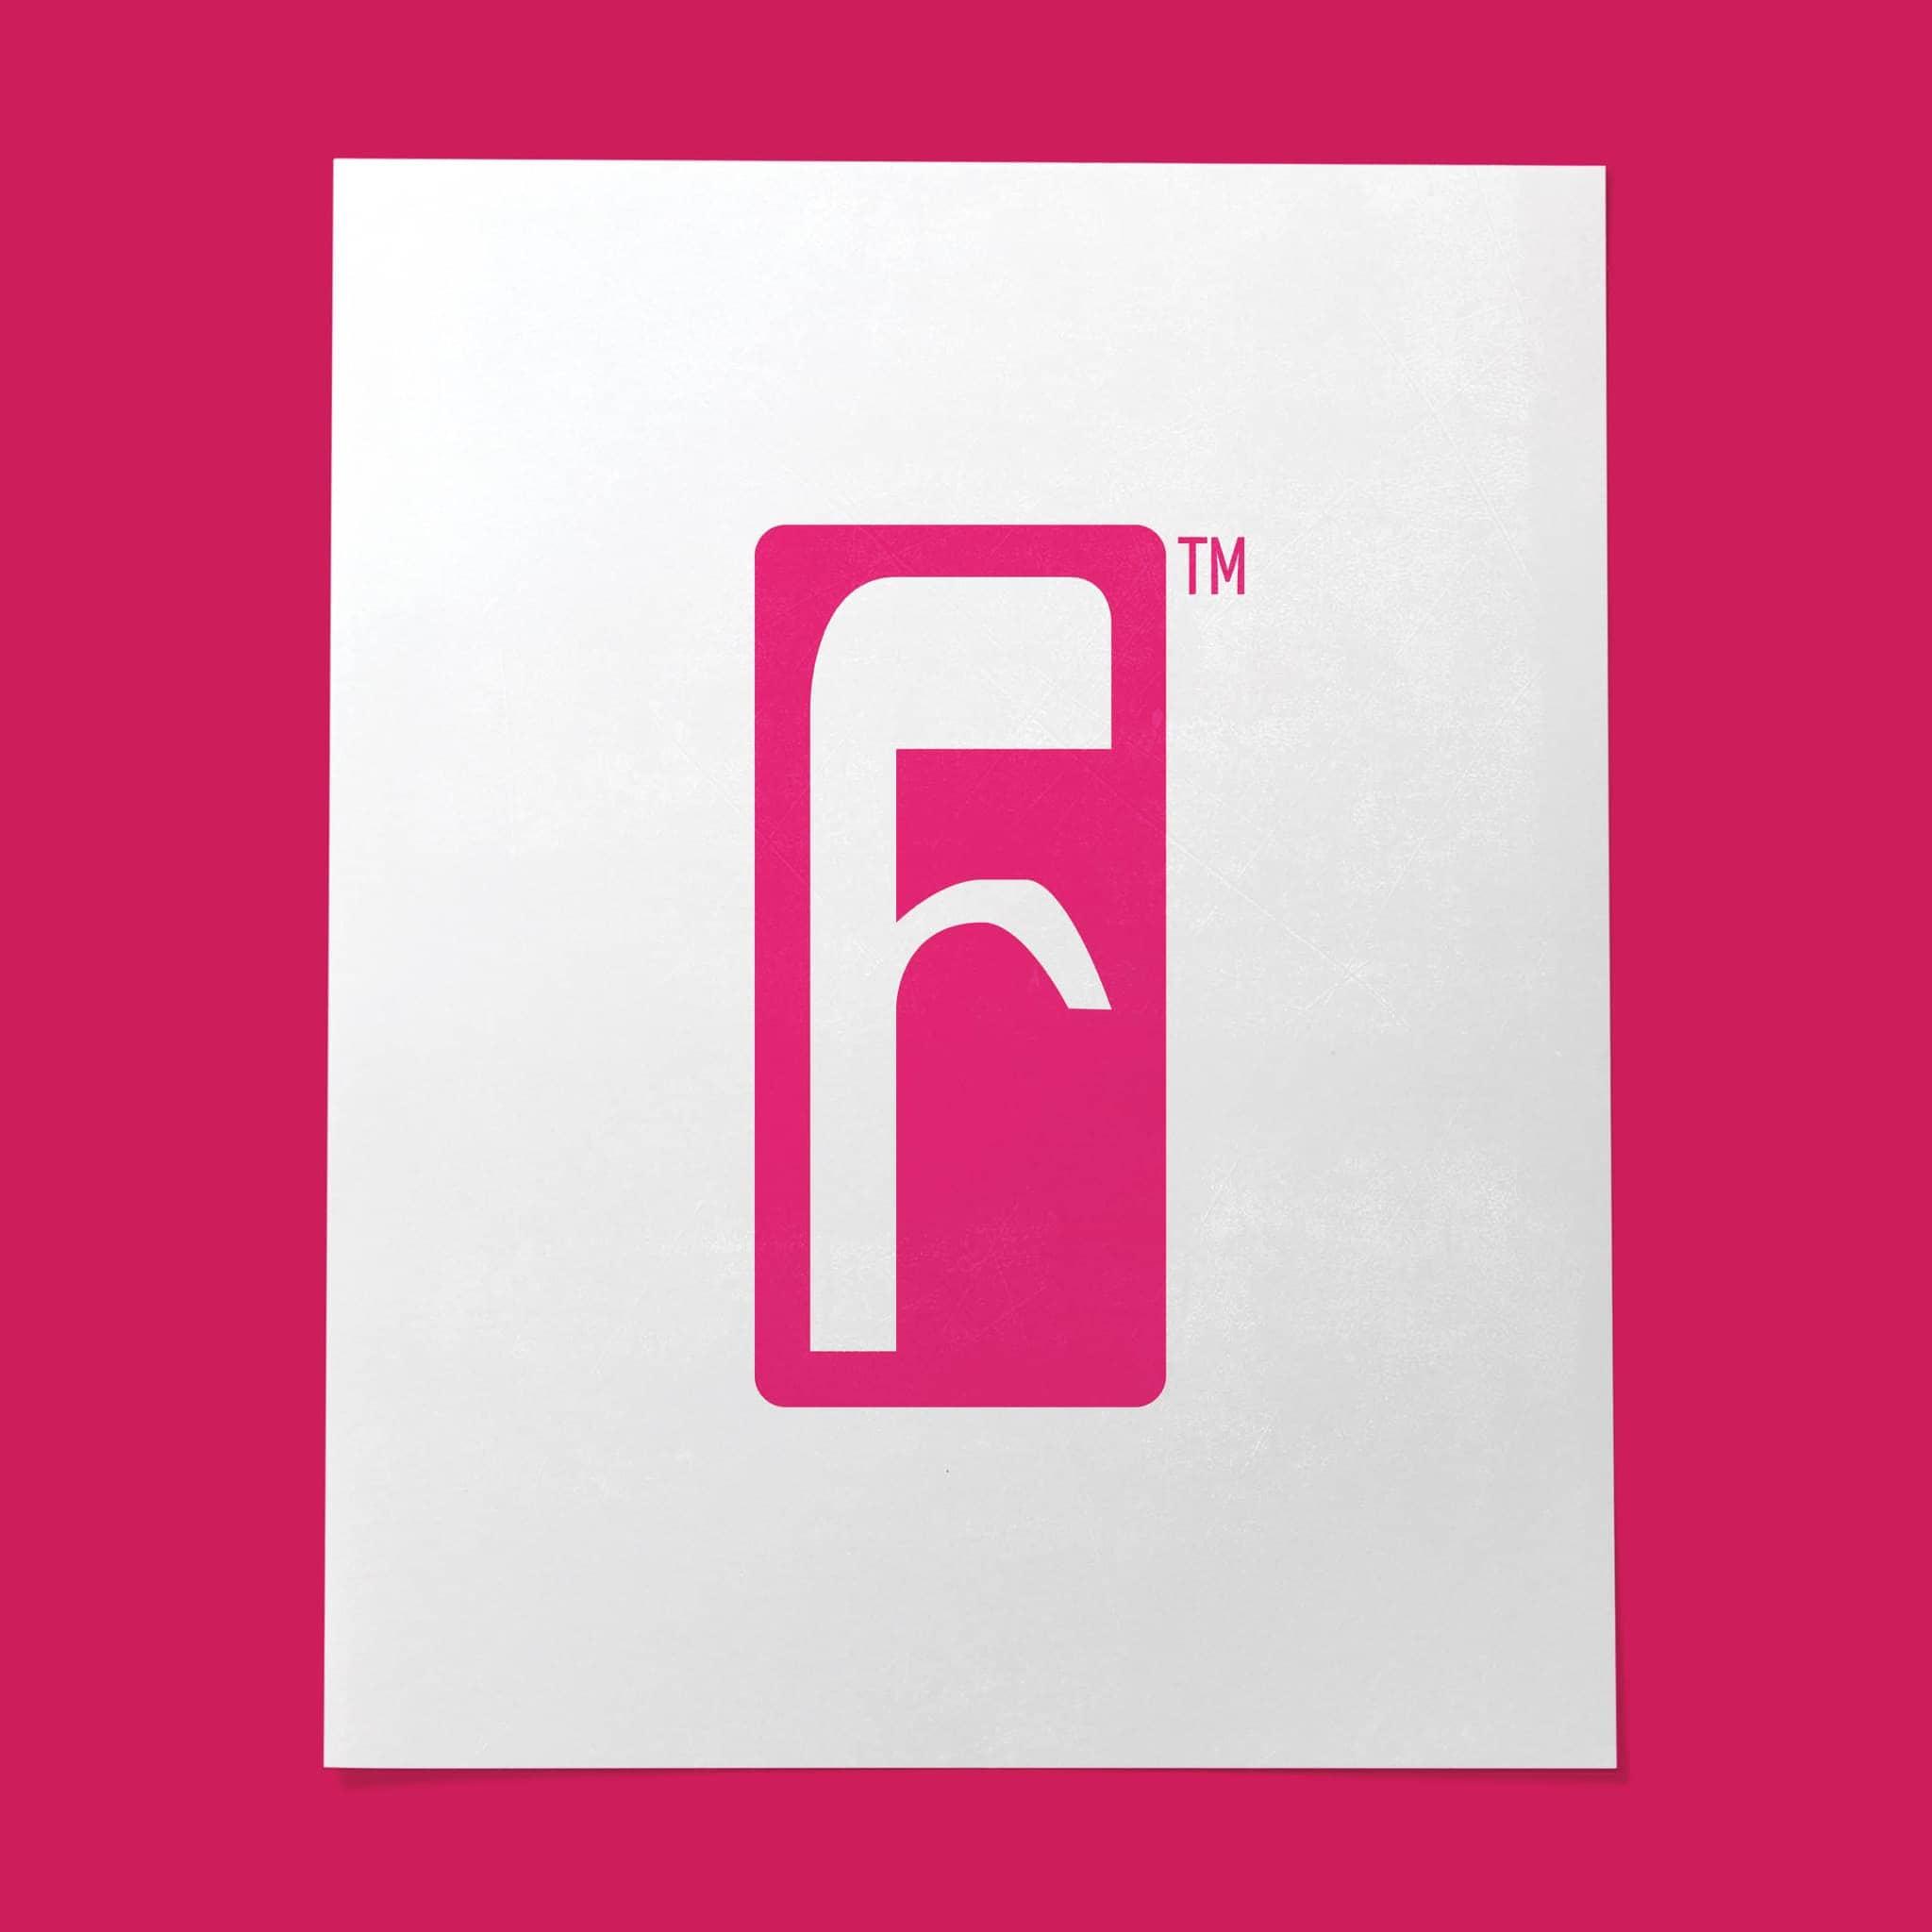 5b5803f5929c5a6ee0cdd57f_BE-brand-fer-logo-1-blank-web